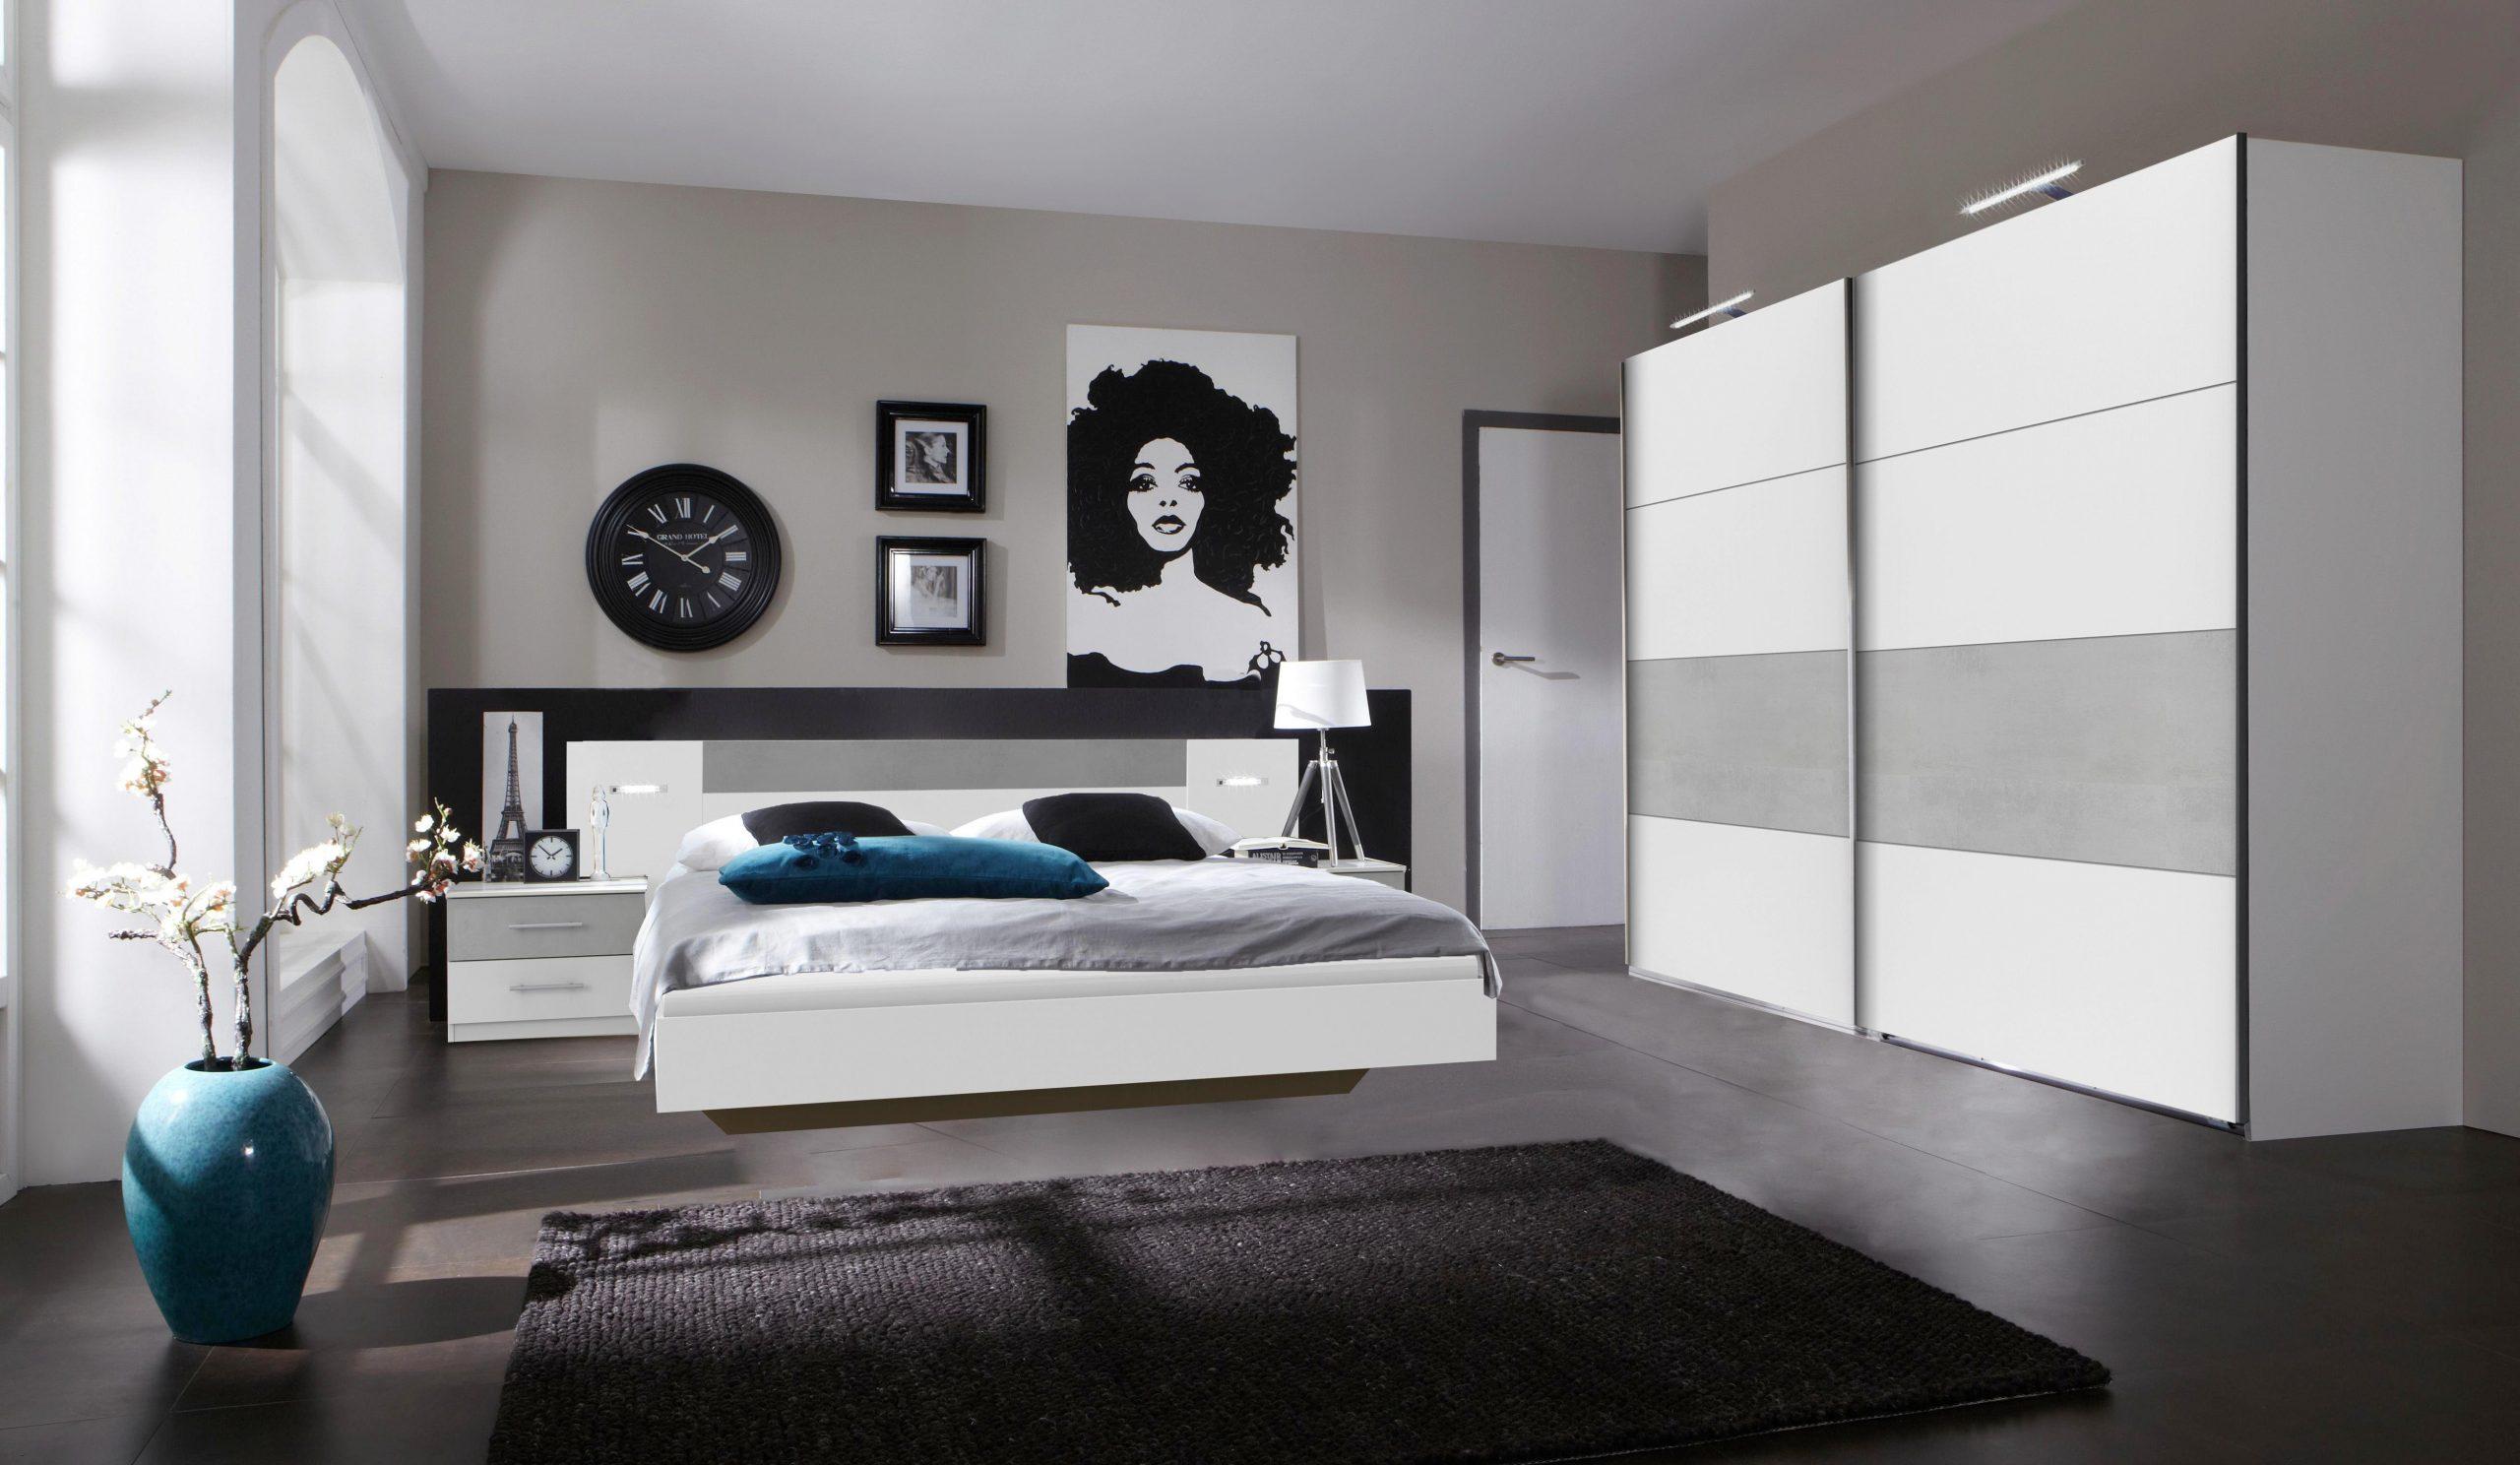 Full Size of Schlafzimmer Komplettangebote Poco Otto Ikea Italienische Komplette Gnstig Online Finden Mbelix Regal Romantische Fototapete Loddenkemper Stuhl Für Komplettes Schlafzimmer Schlafzimmer Komplettangebote